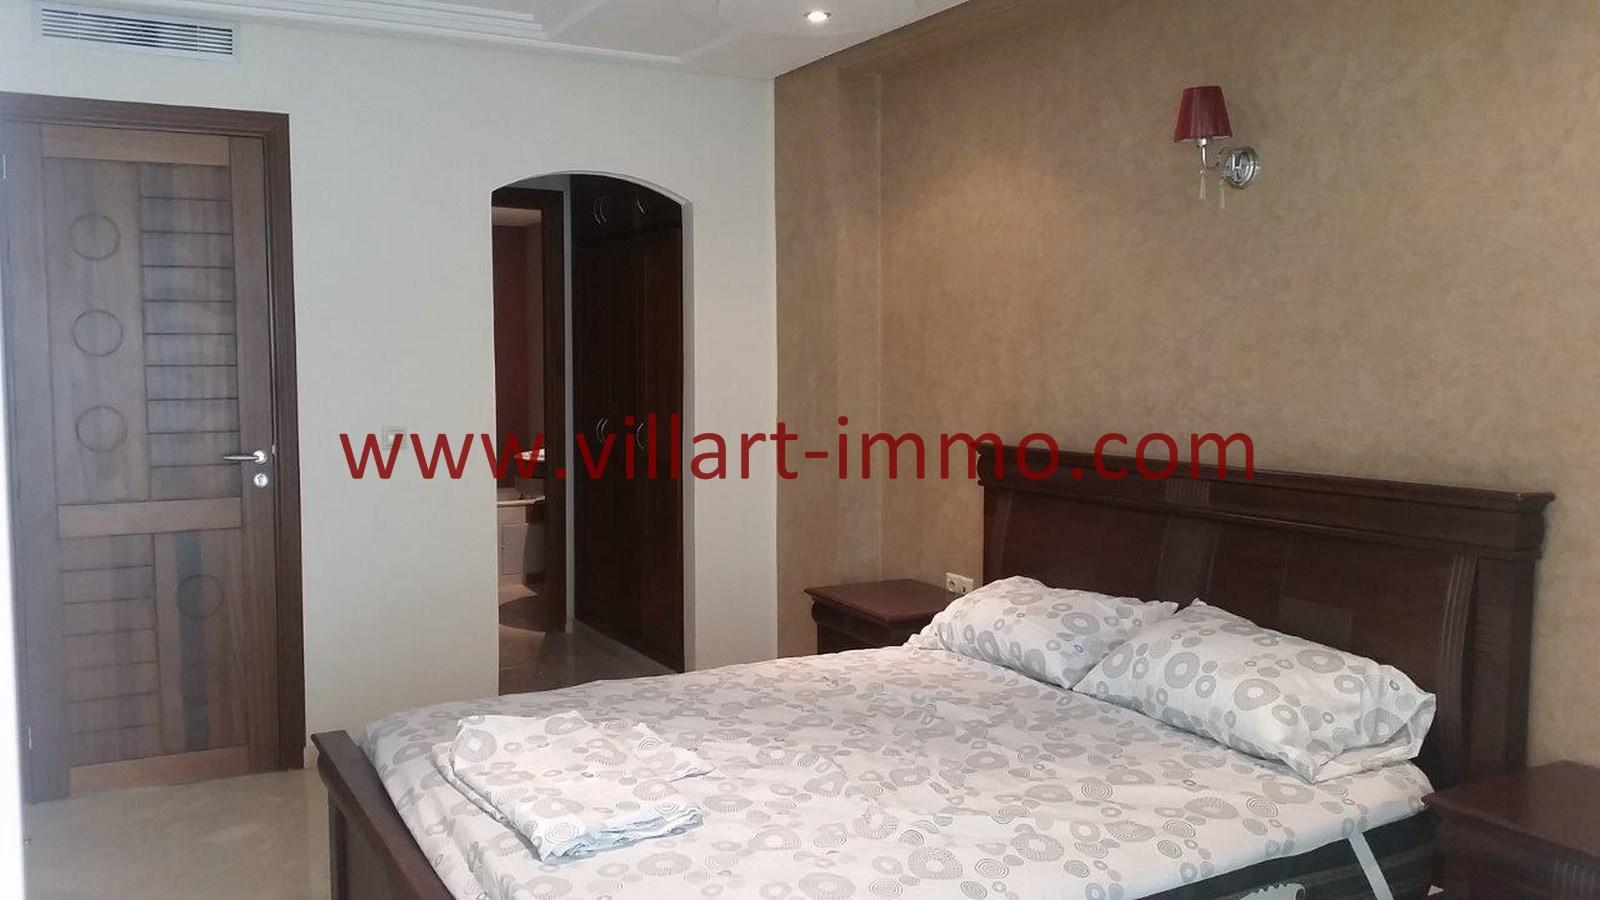 7-a-louer-appartement-meuble-tanger-chambre-2-l918-villart-immo